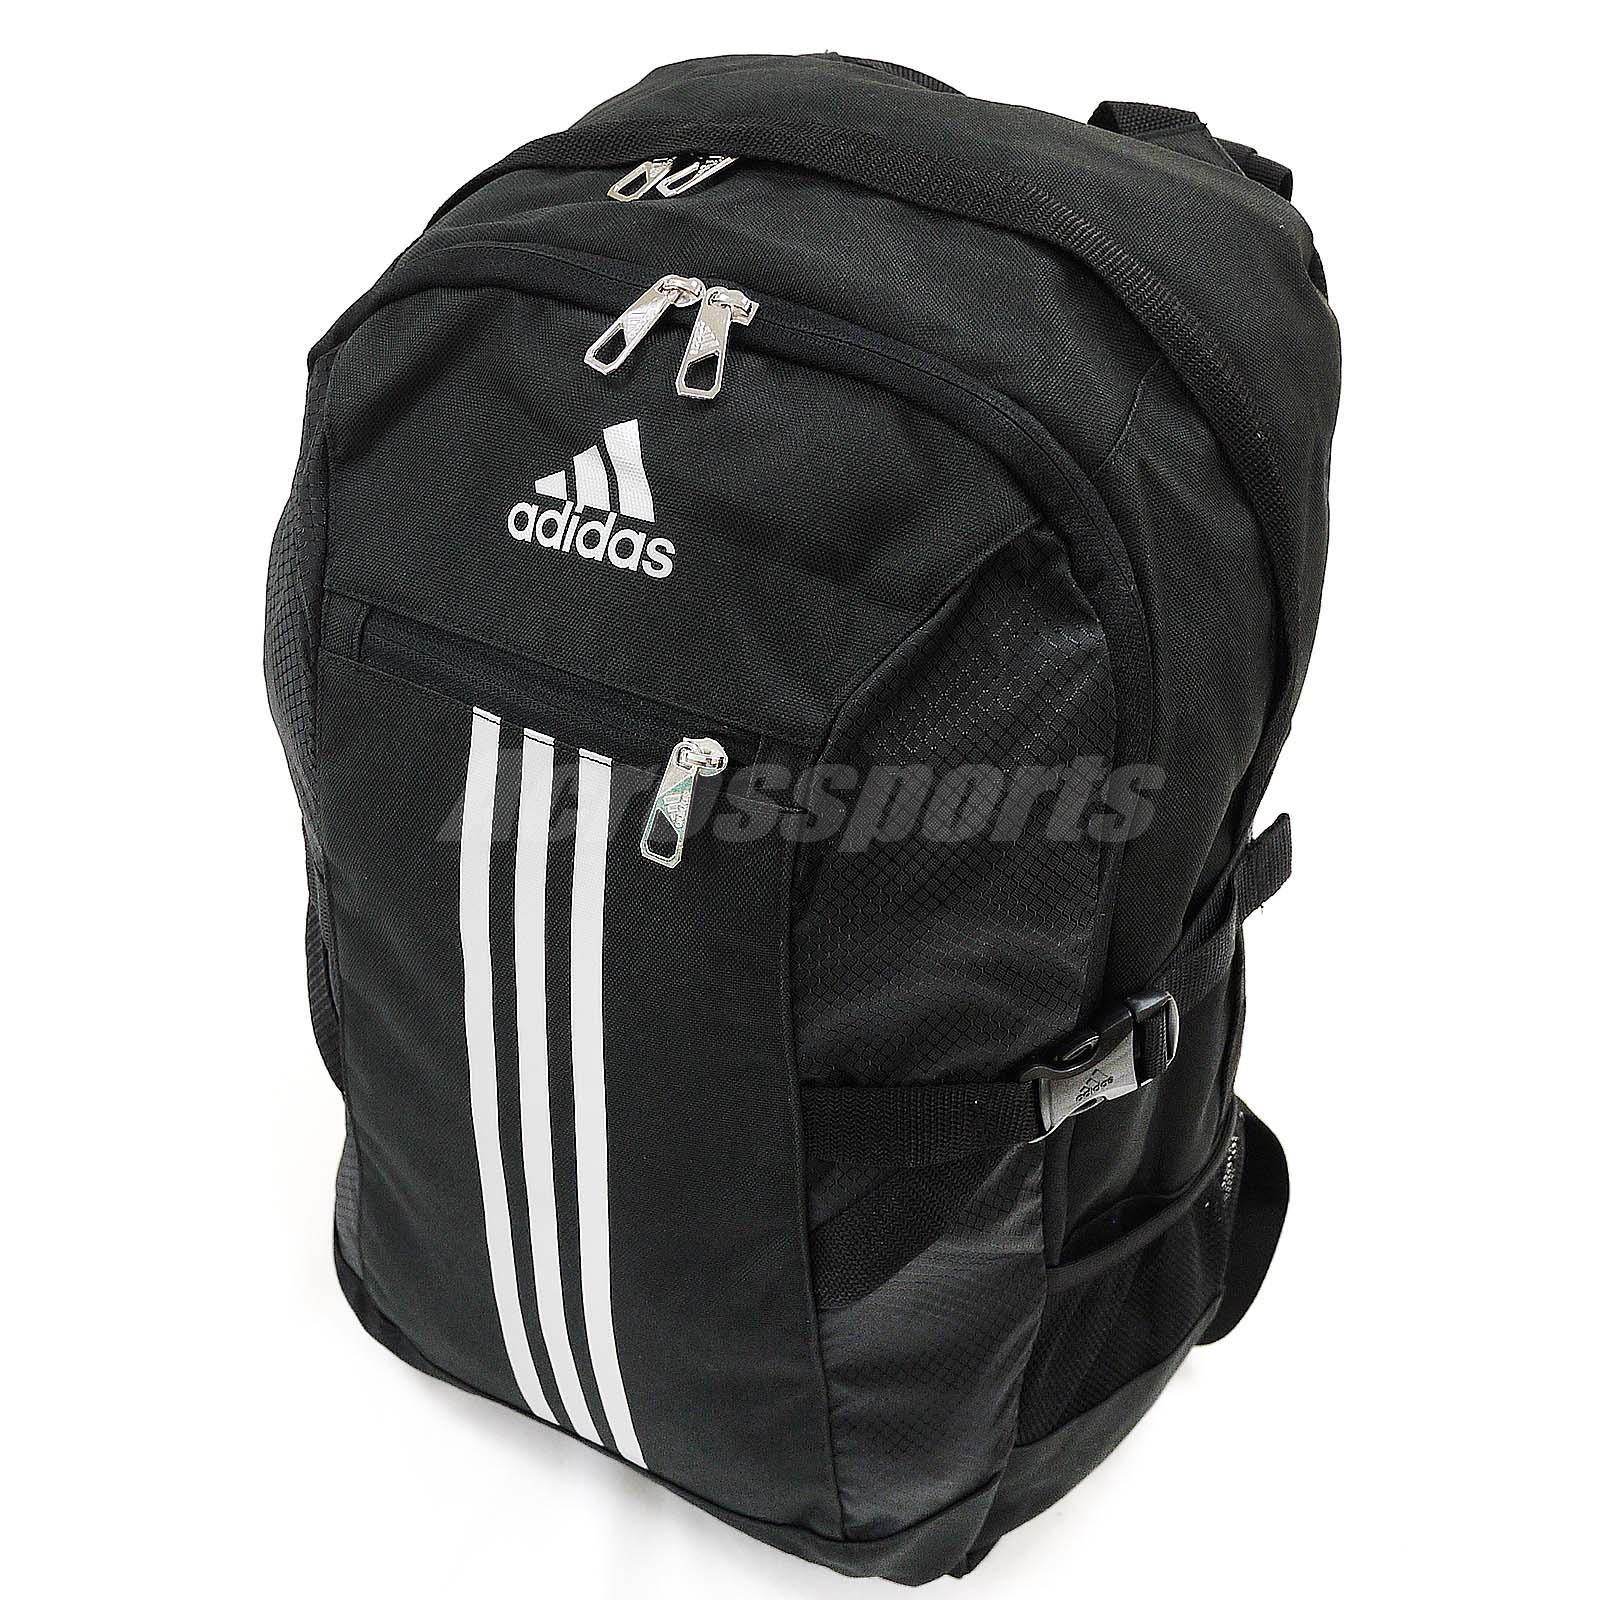 02e778a14113 Adidas 3 Stripes Backpack Black White- Fenix Toulouse Handball